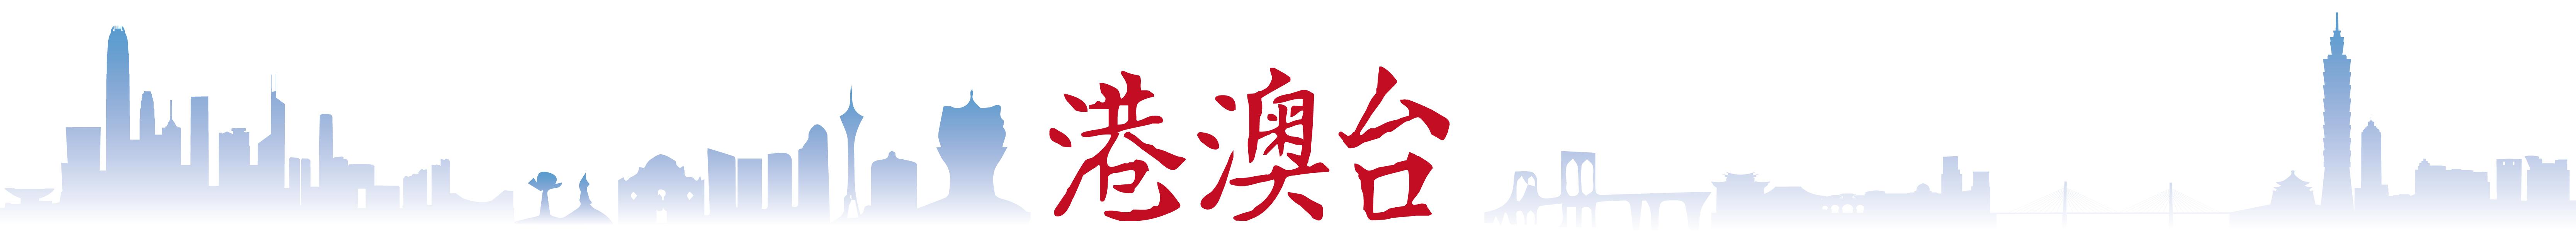 """国台办联络局局长刘军川任国台办副主任,国台办领导班子形成""""一正四副"""""""